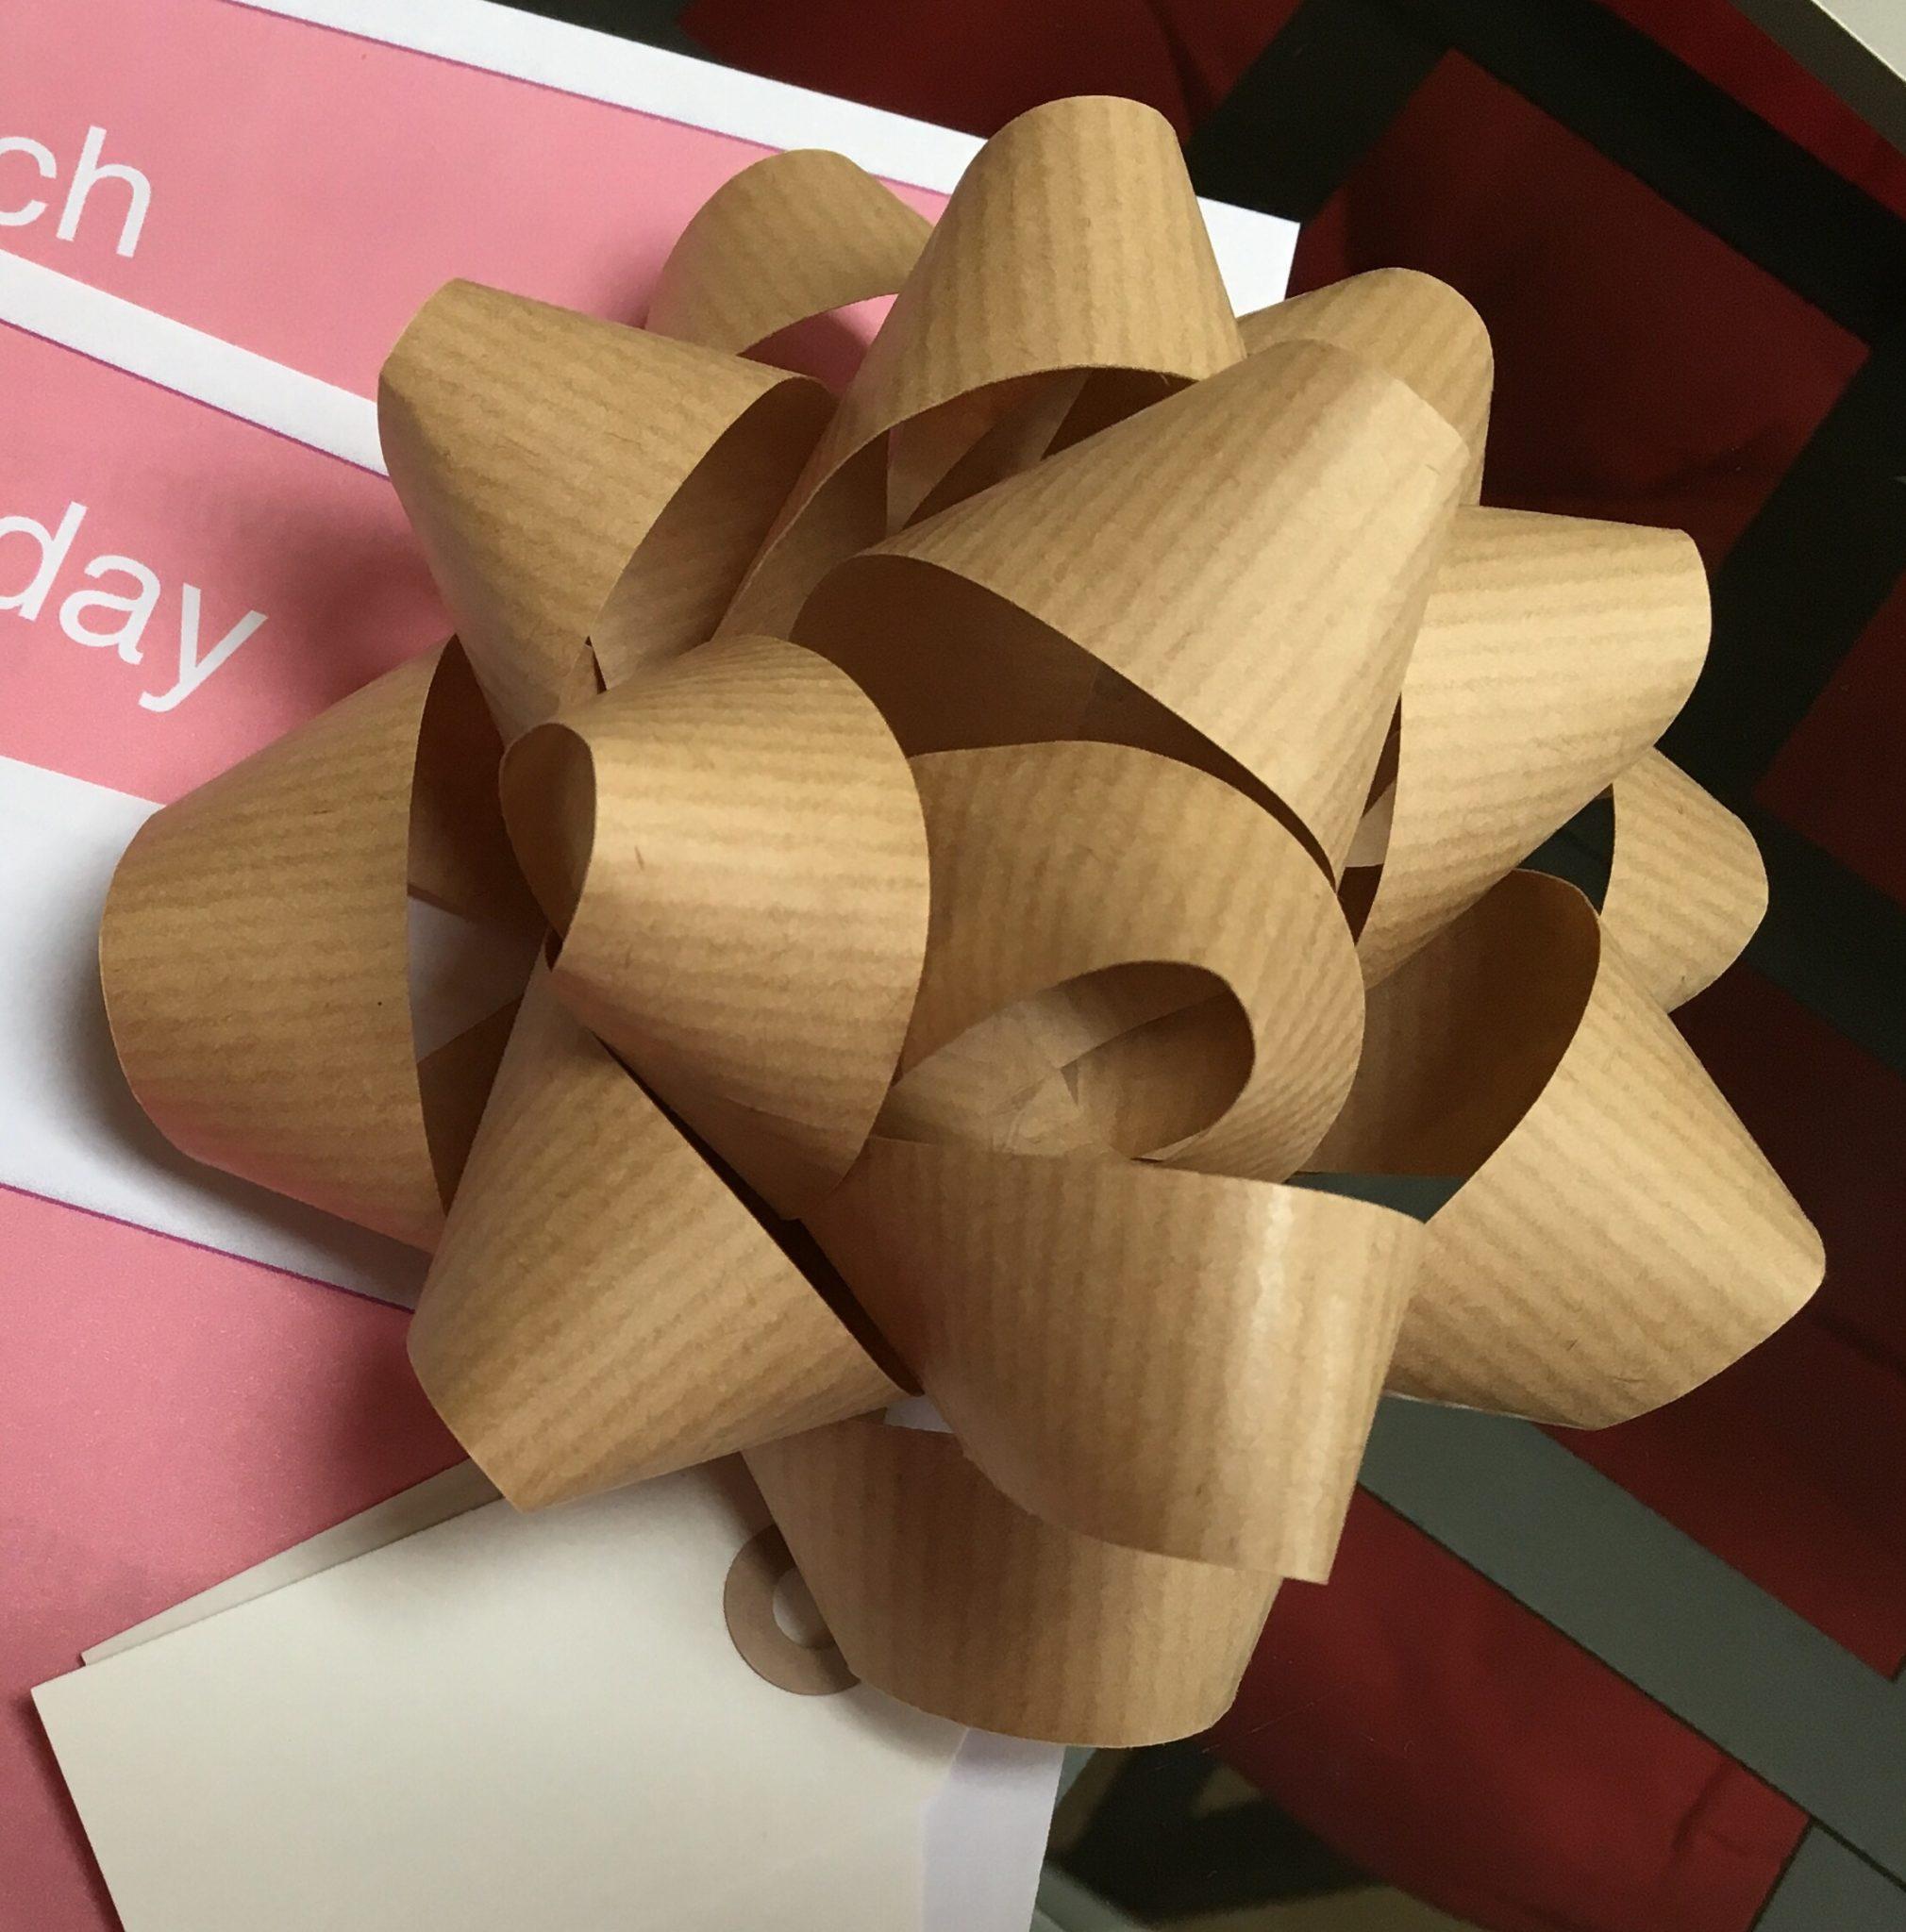 A handmade kraft paper bow